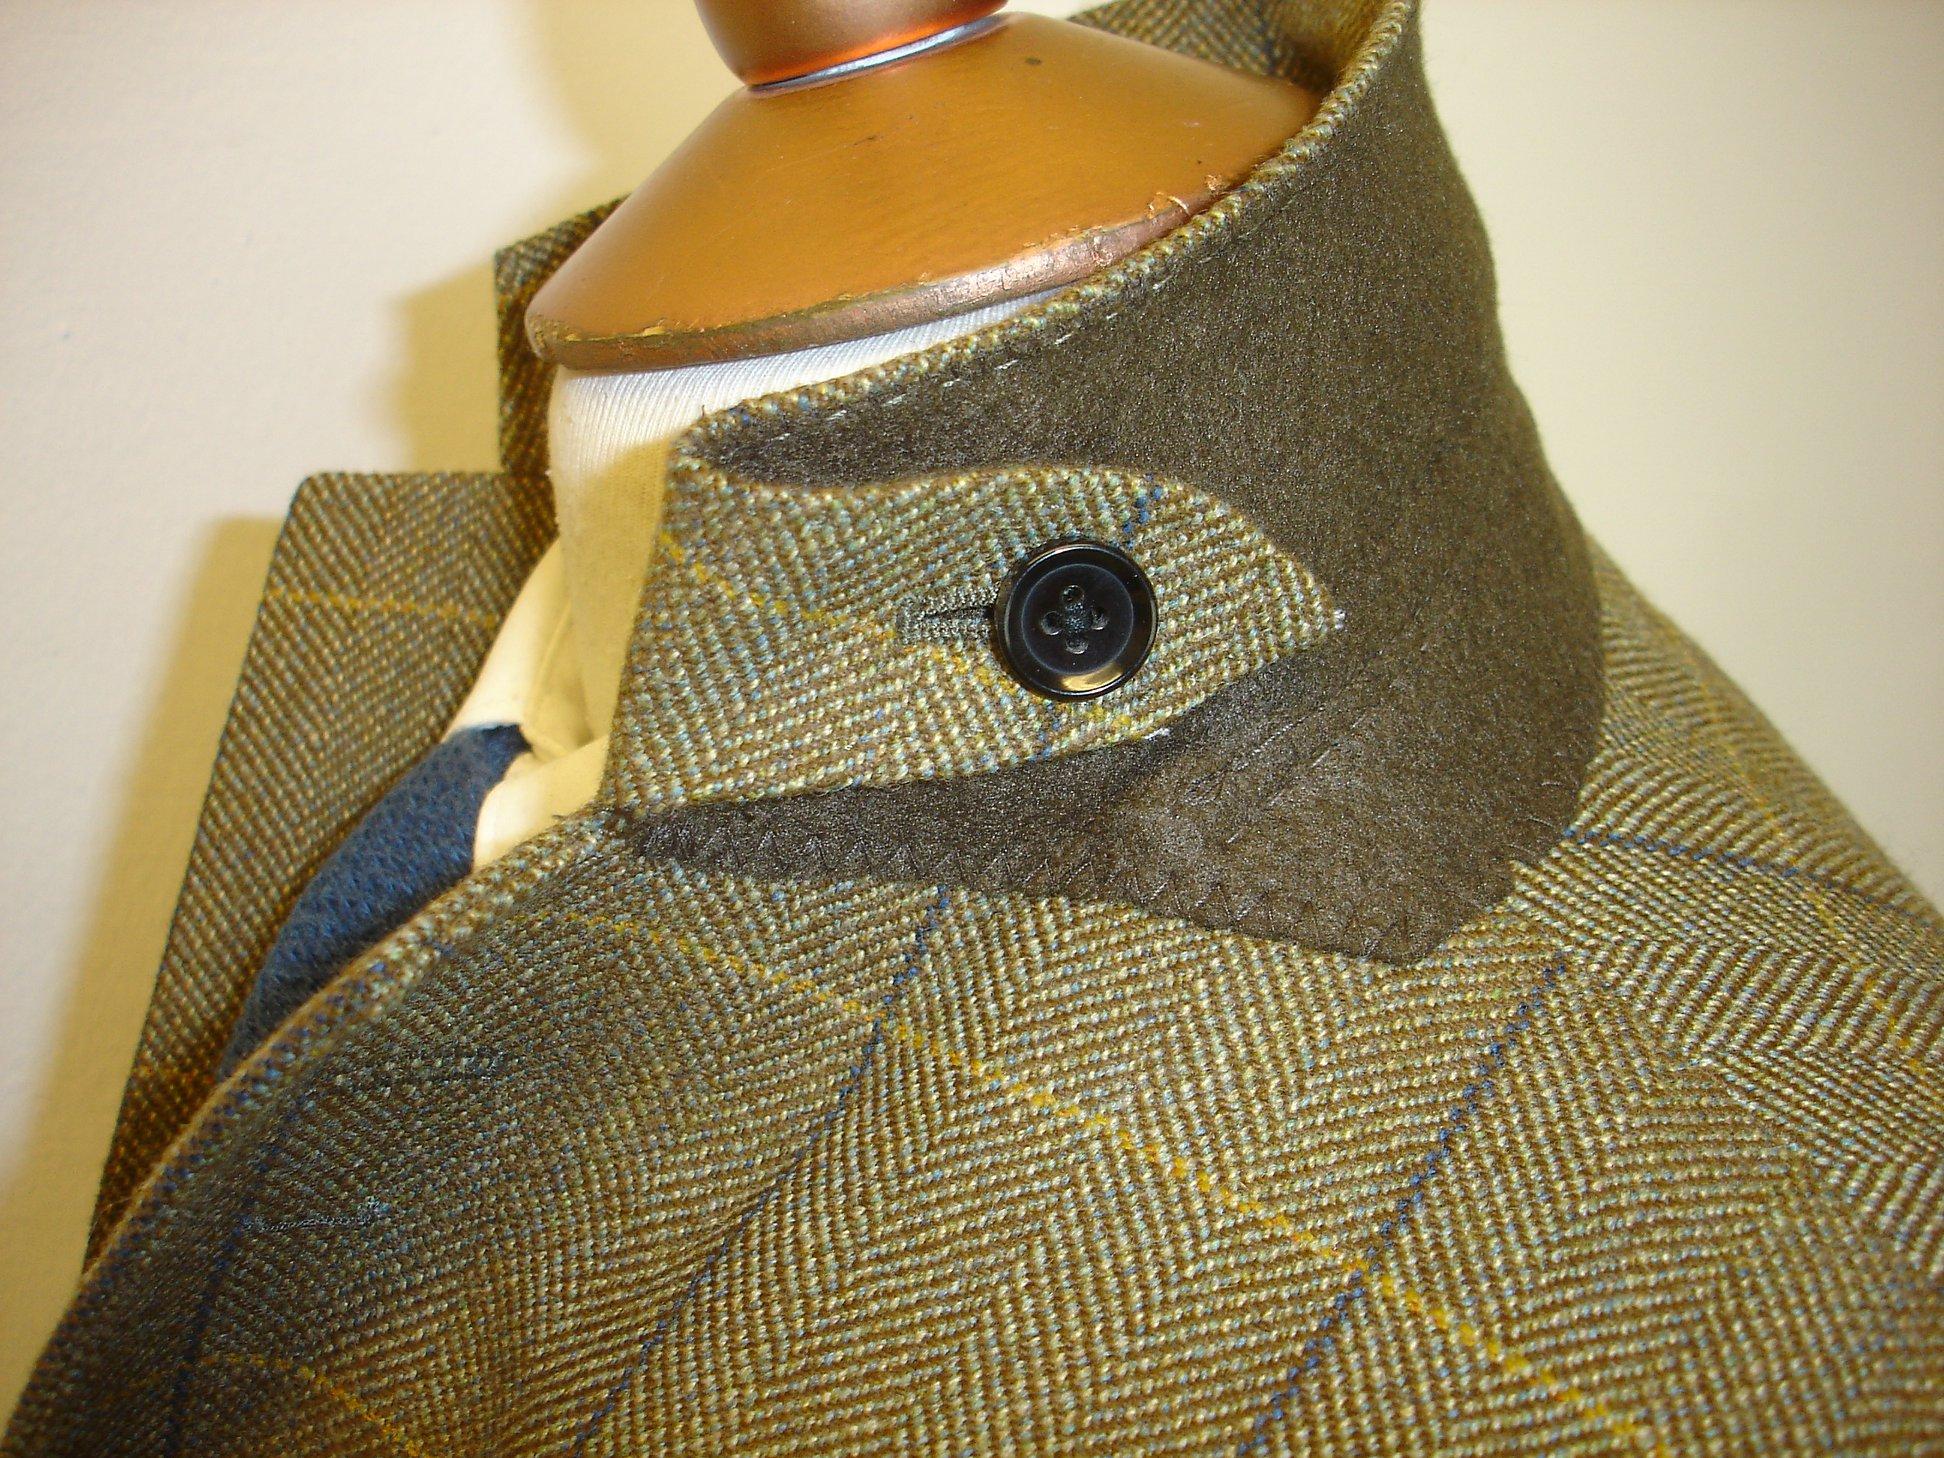 Porter & Harding Hartwist Tweed Suit (11).jpg